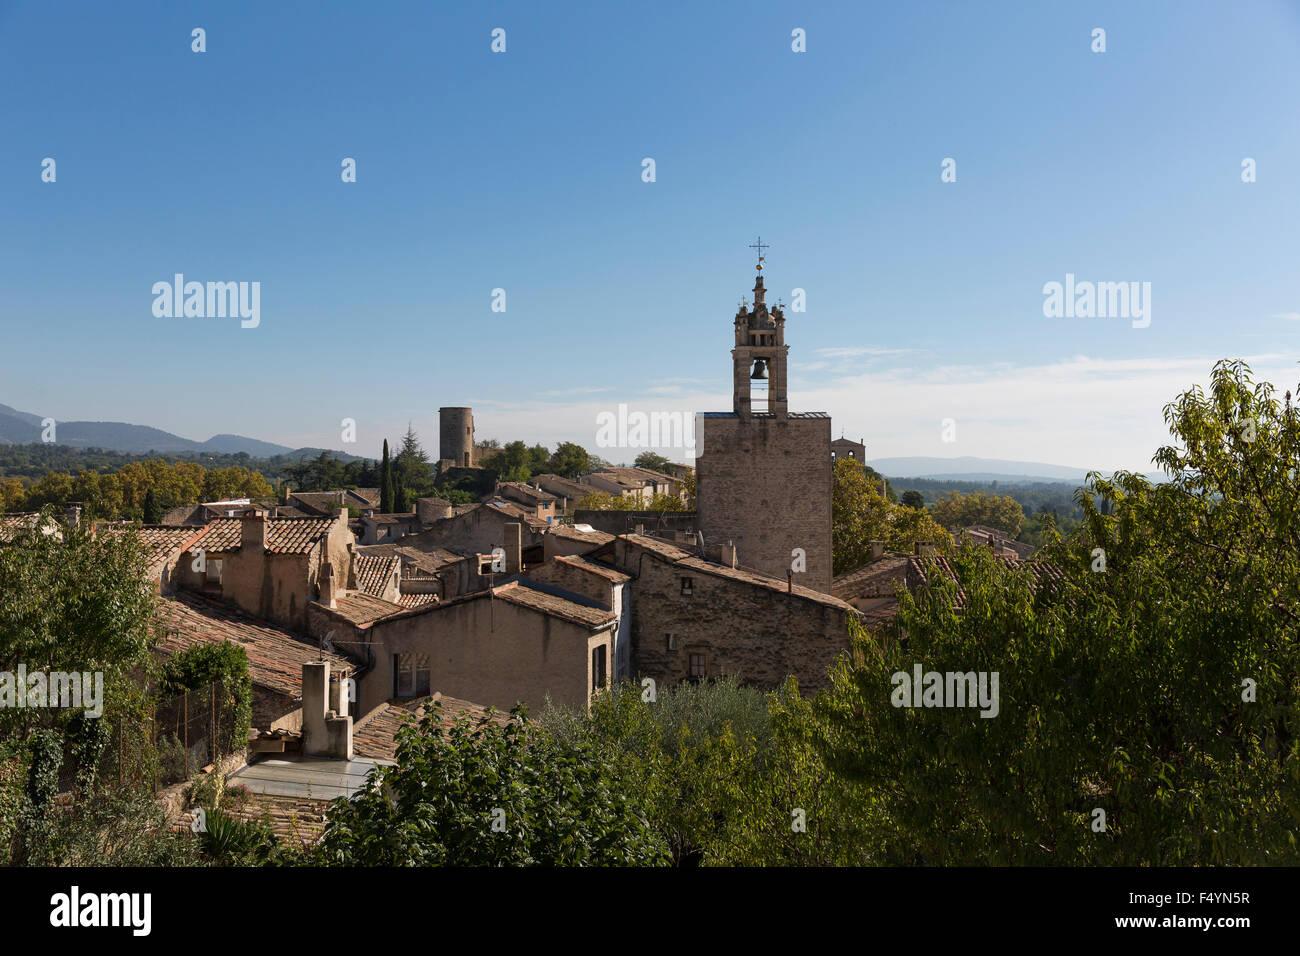 Blick über die mattroten Ziegeldächer von Cucuron im Luberon, Provence - Stock Image